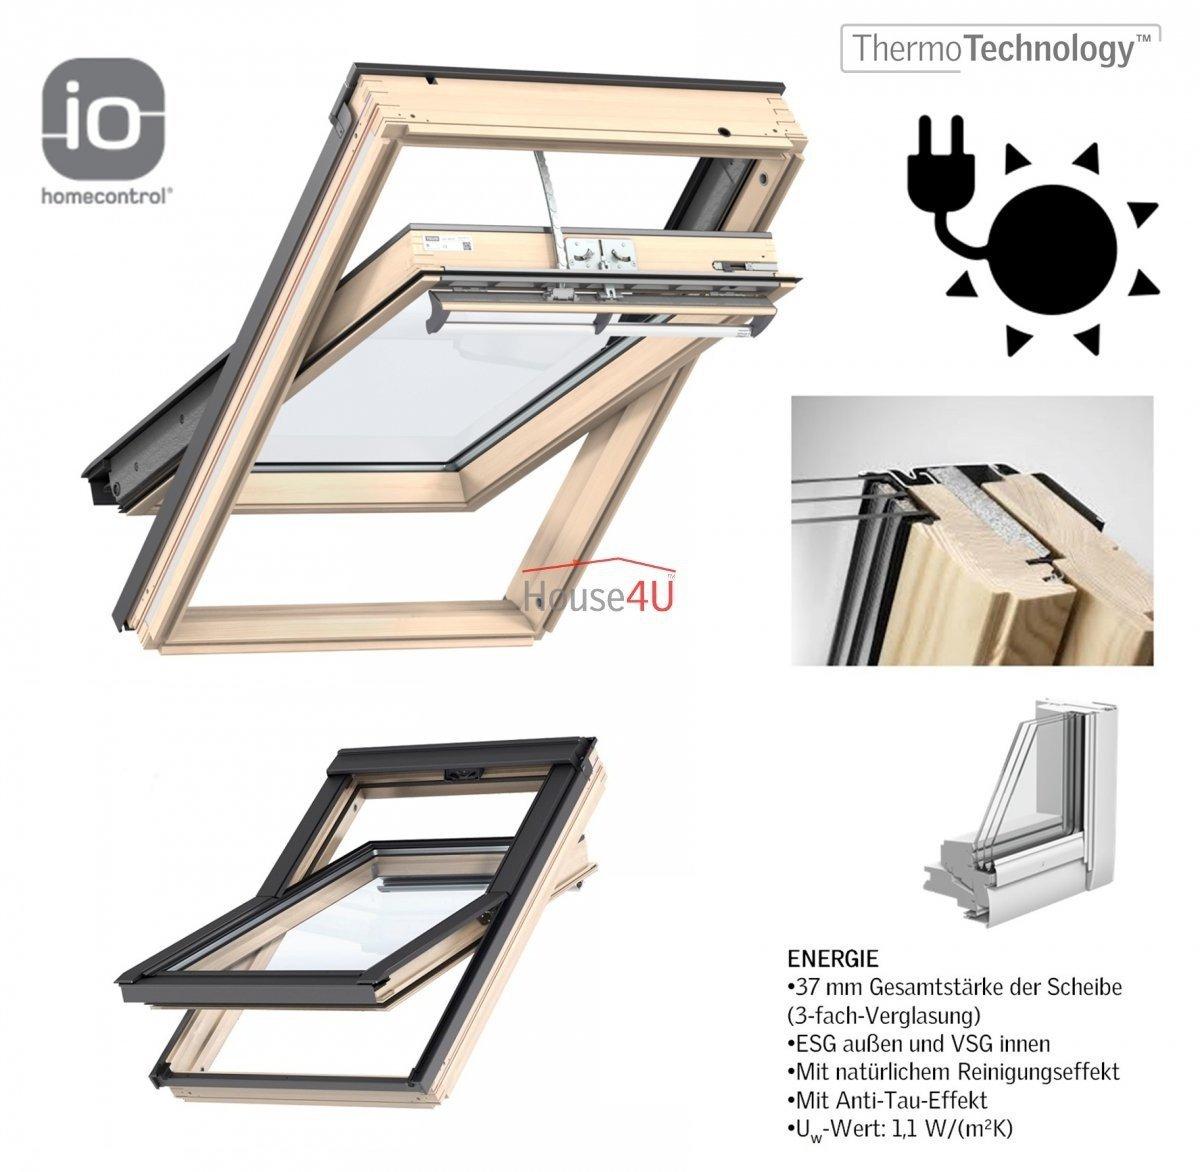 Velux Integra Dachfenster Ggl 306830 Solarfenster Holz Schwingfenster 3 Fach Verglasung Uw 1 1 Energie Aluminium Io Homecontrol Solar Holz Klar Lackiert Holzfenster Automatische Fenstern Dachfenster